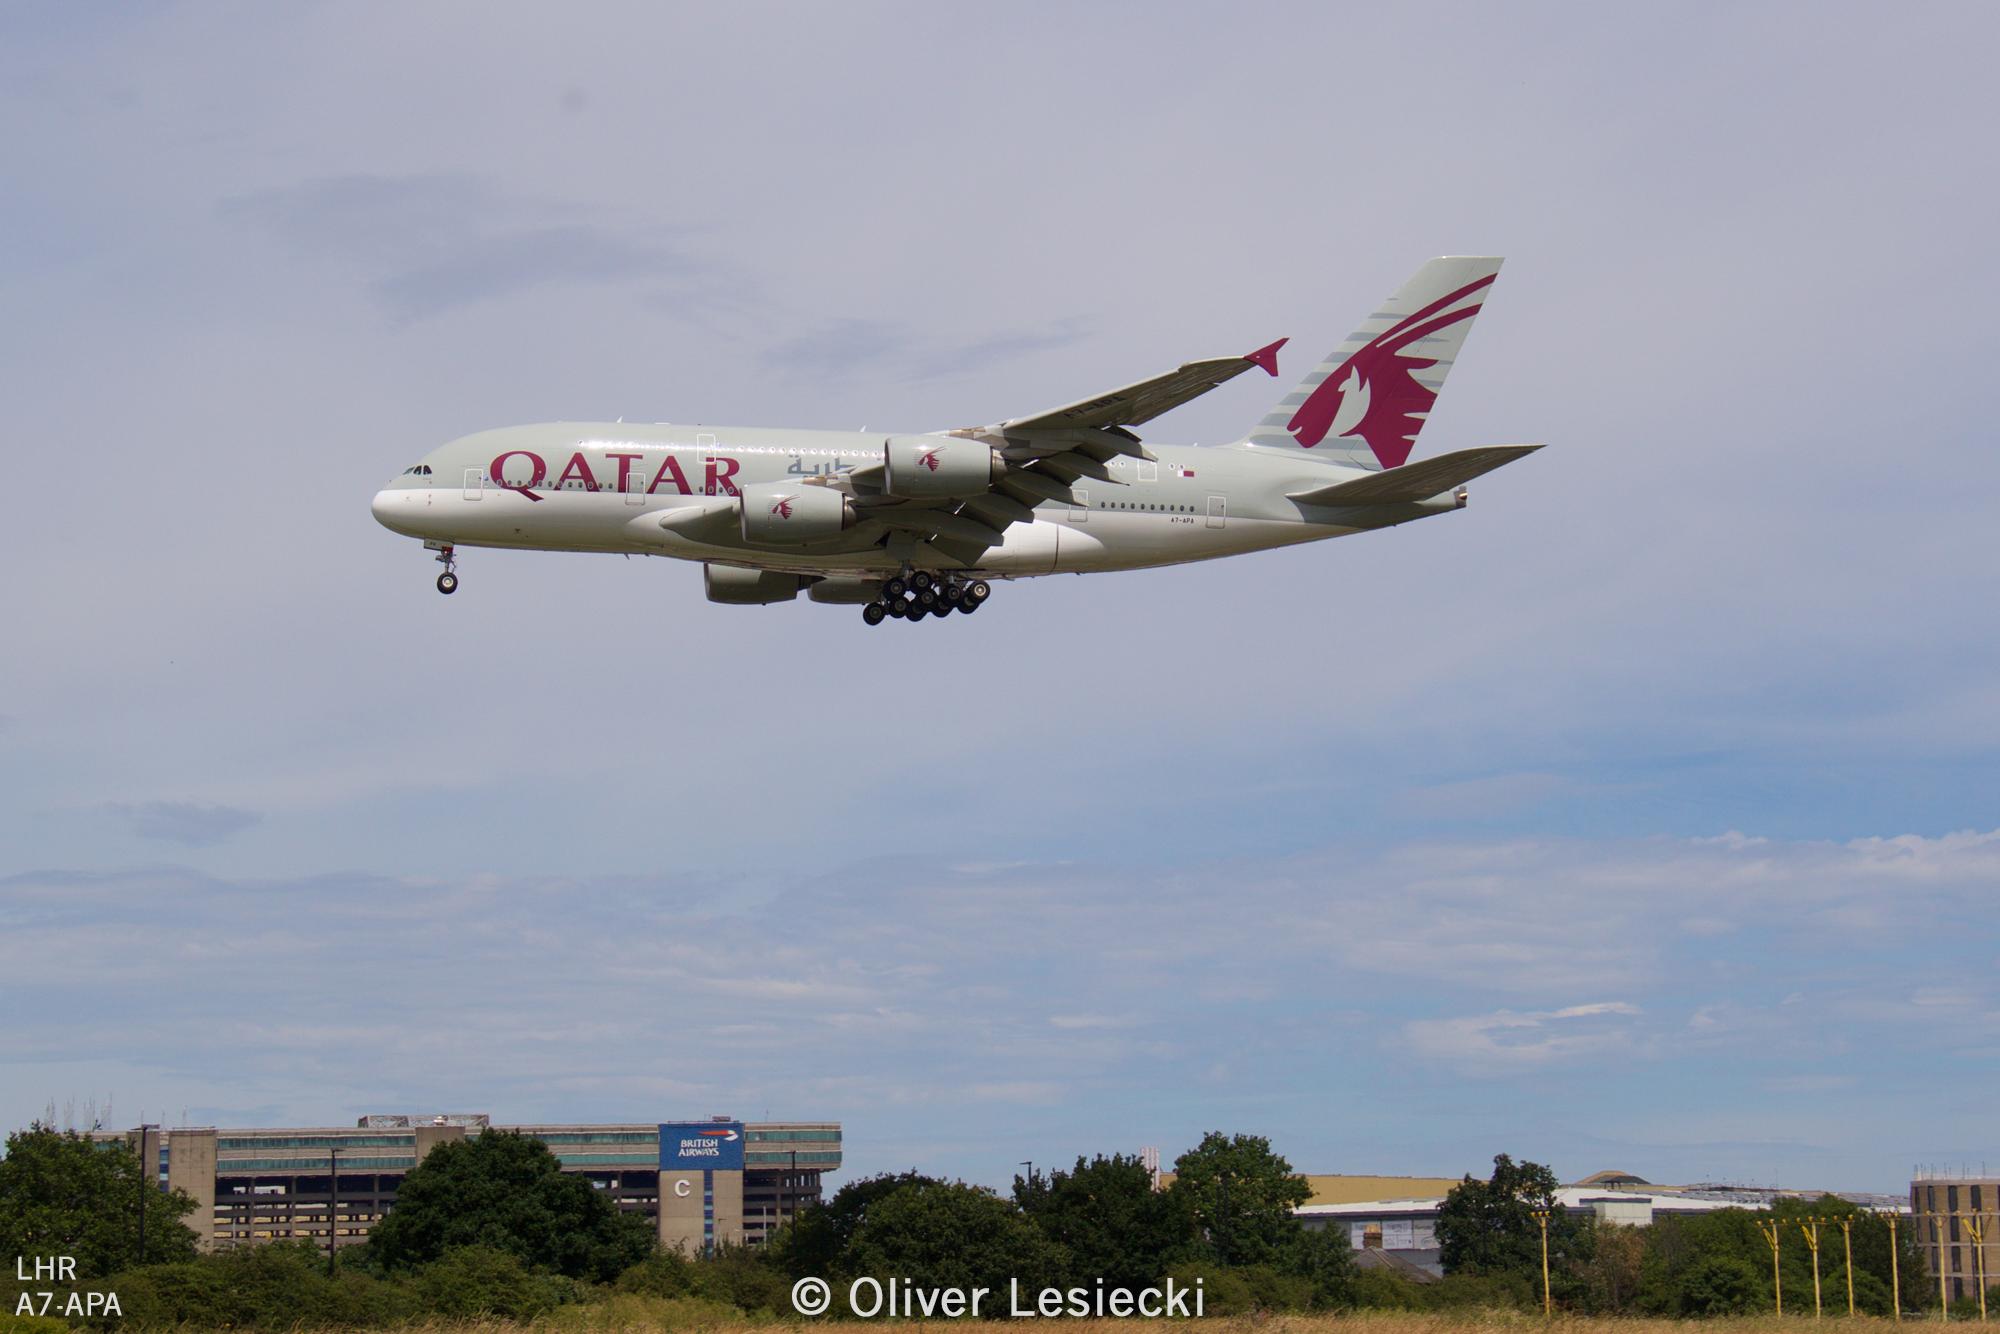 X_Qatar_A380_A7APA_02_LHR_230618